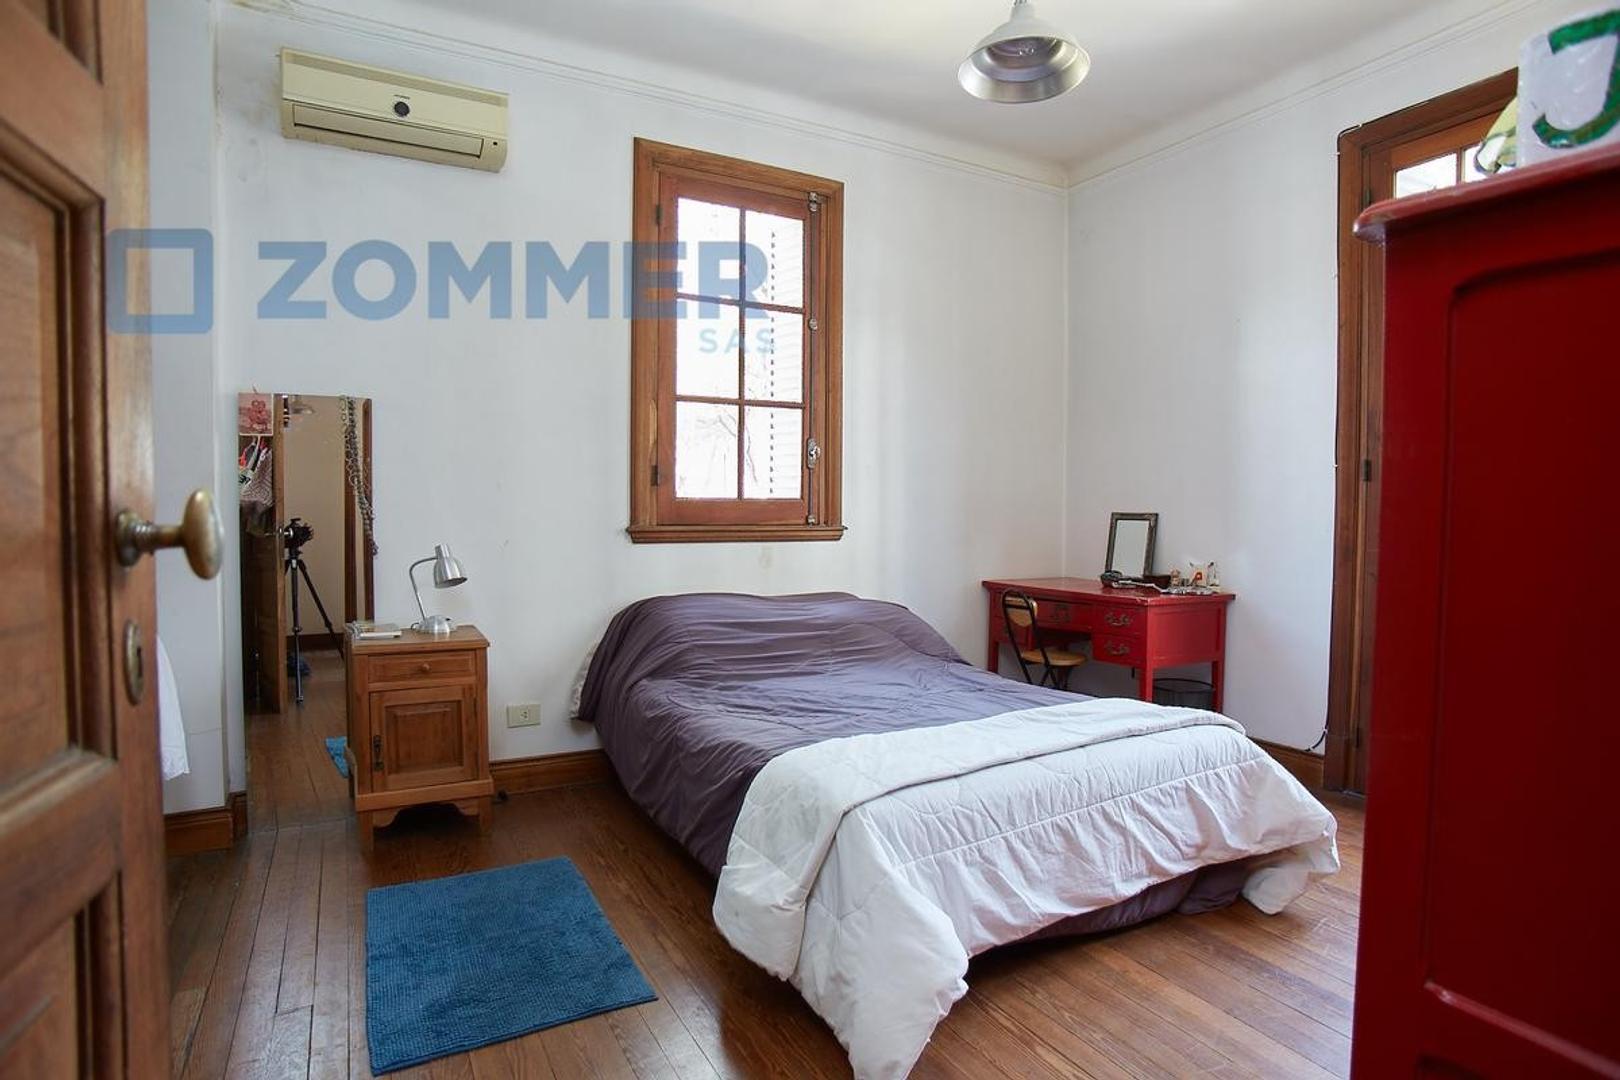 Grecia 3300, Casa de estilo MUCHA LUZ! Núñez cerca de la estacion - Foto 16